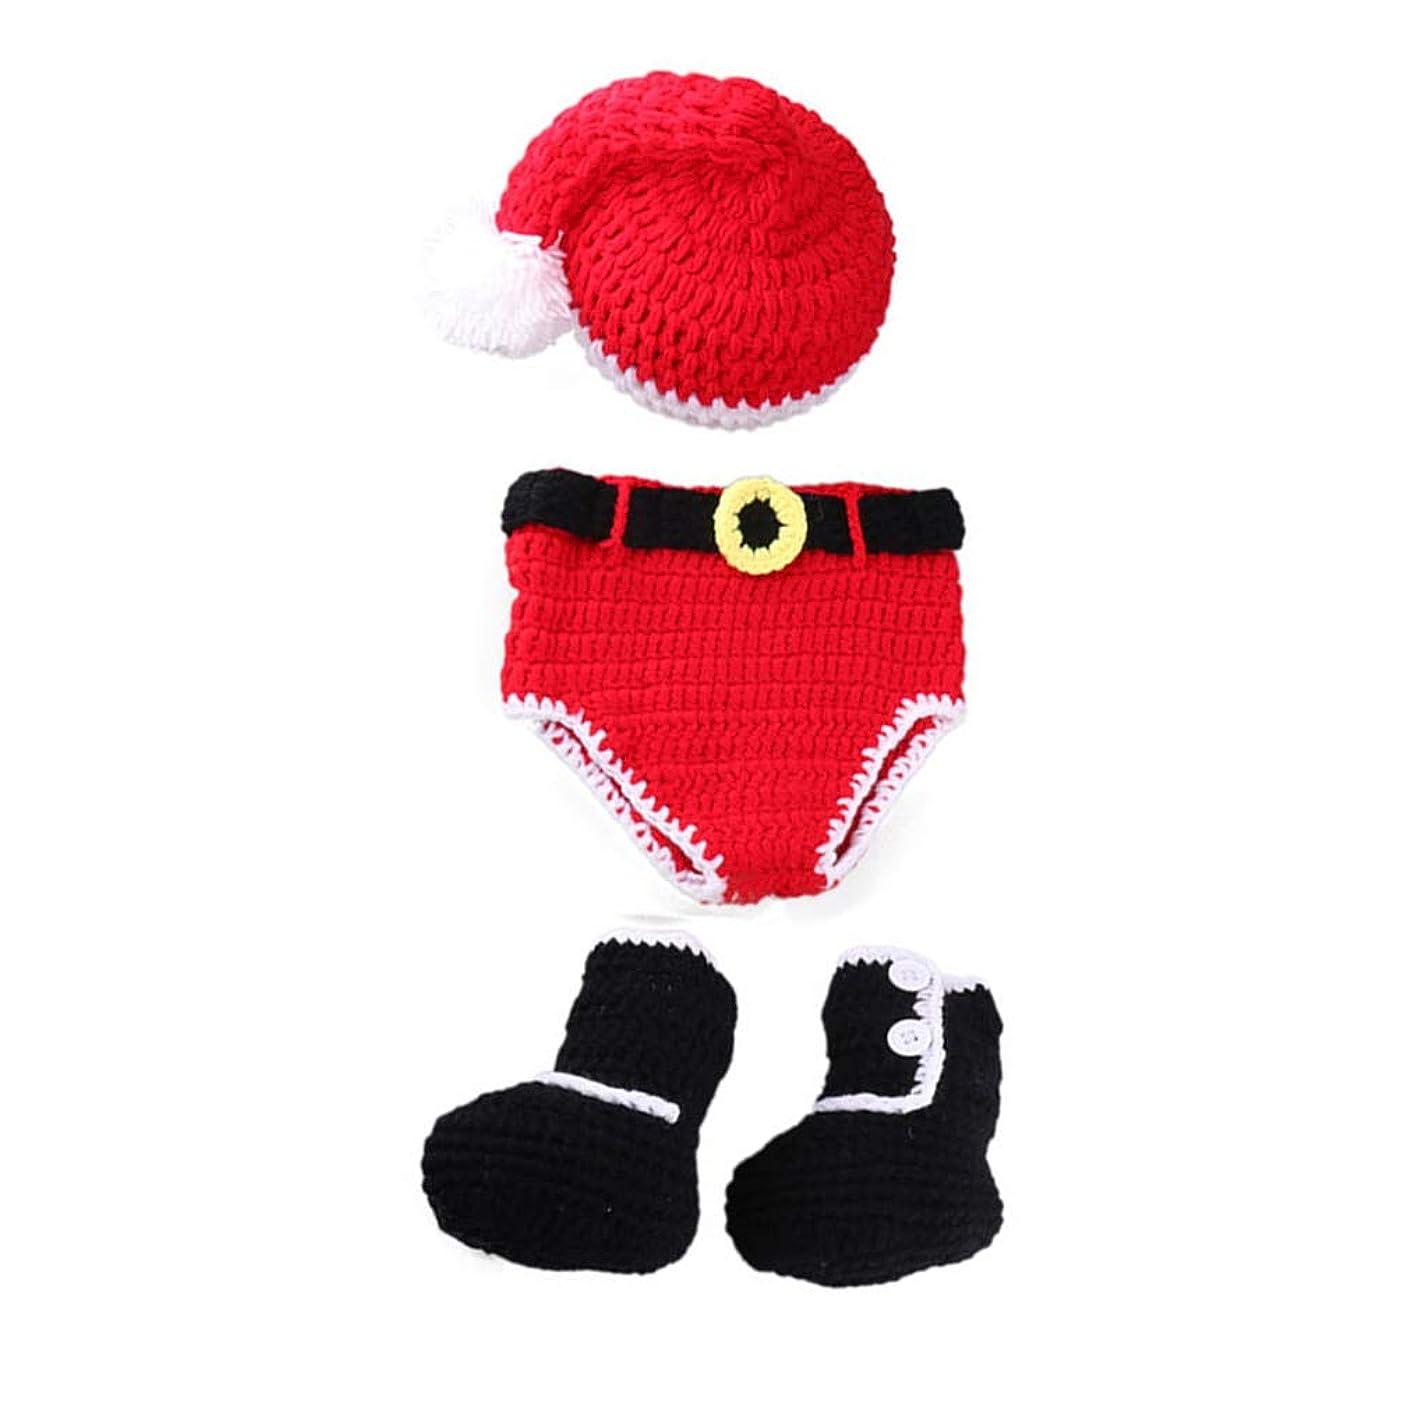 大騒ぎ思春期の直感1st market 生まれたばかりの赤ちゃんのかぎ針編みのサンタクロース帽子おむつブーツクリスマススタイルの衣装コスチューム写真プロップ用ベビー(0-4ヶ月)